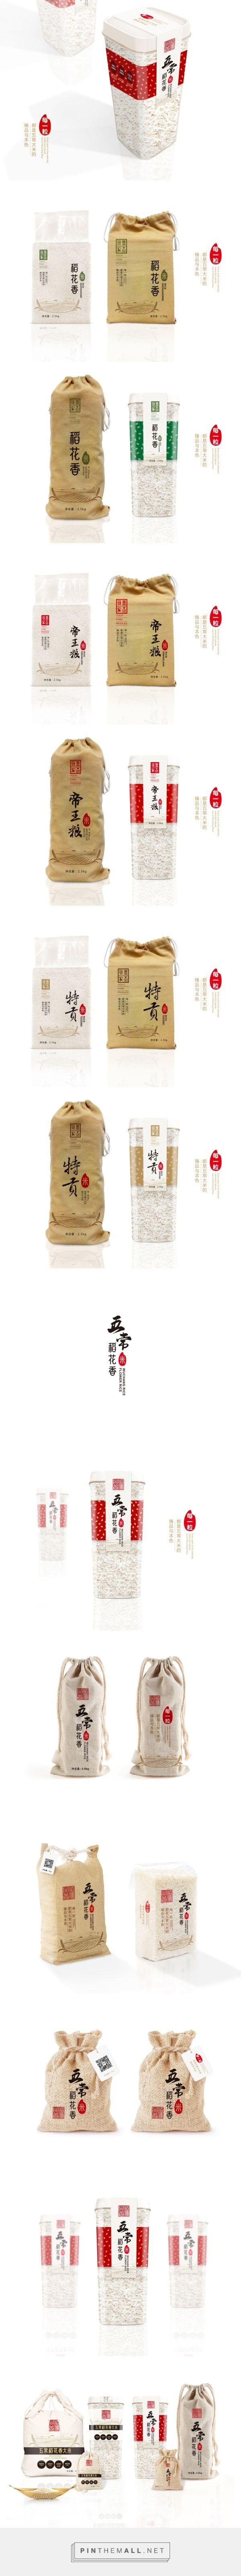 品香源 包装 平面 鹤南轩 - 原创设计作品 - 站酷 (ZCOOL) - created via http://pinthemall.net